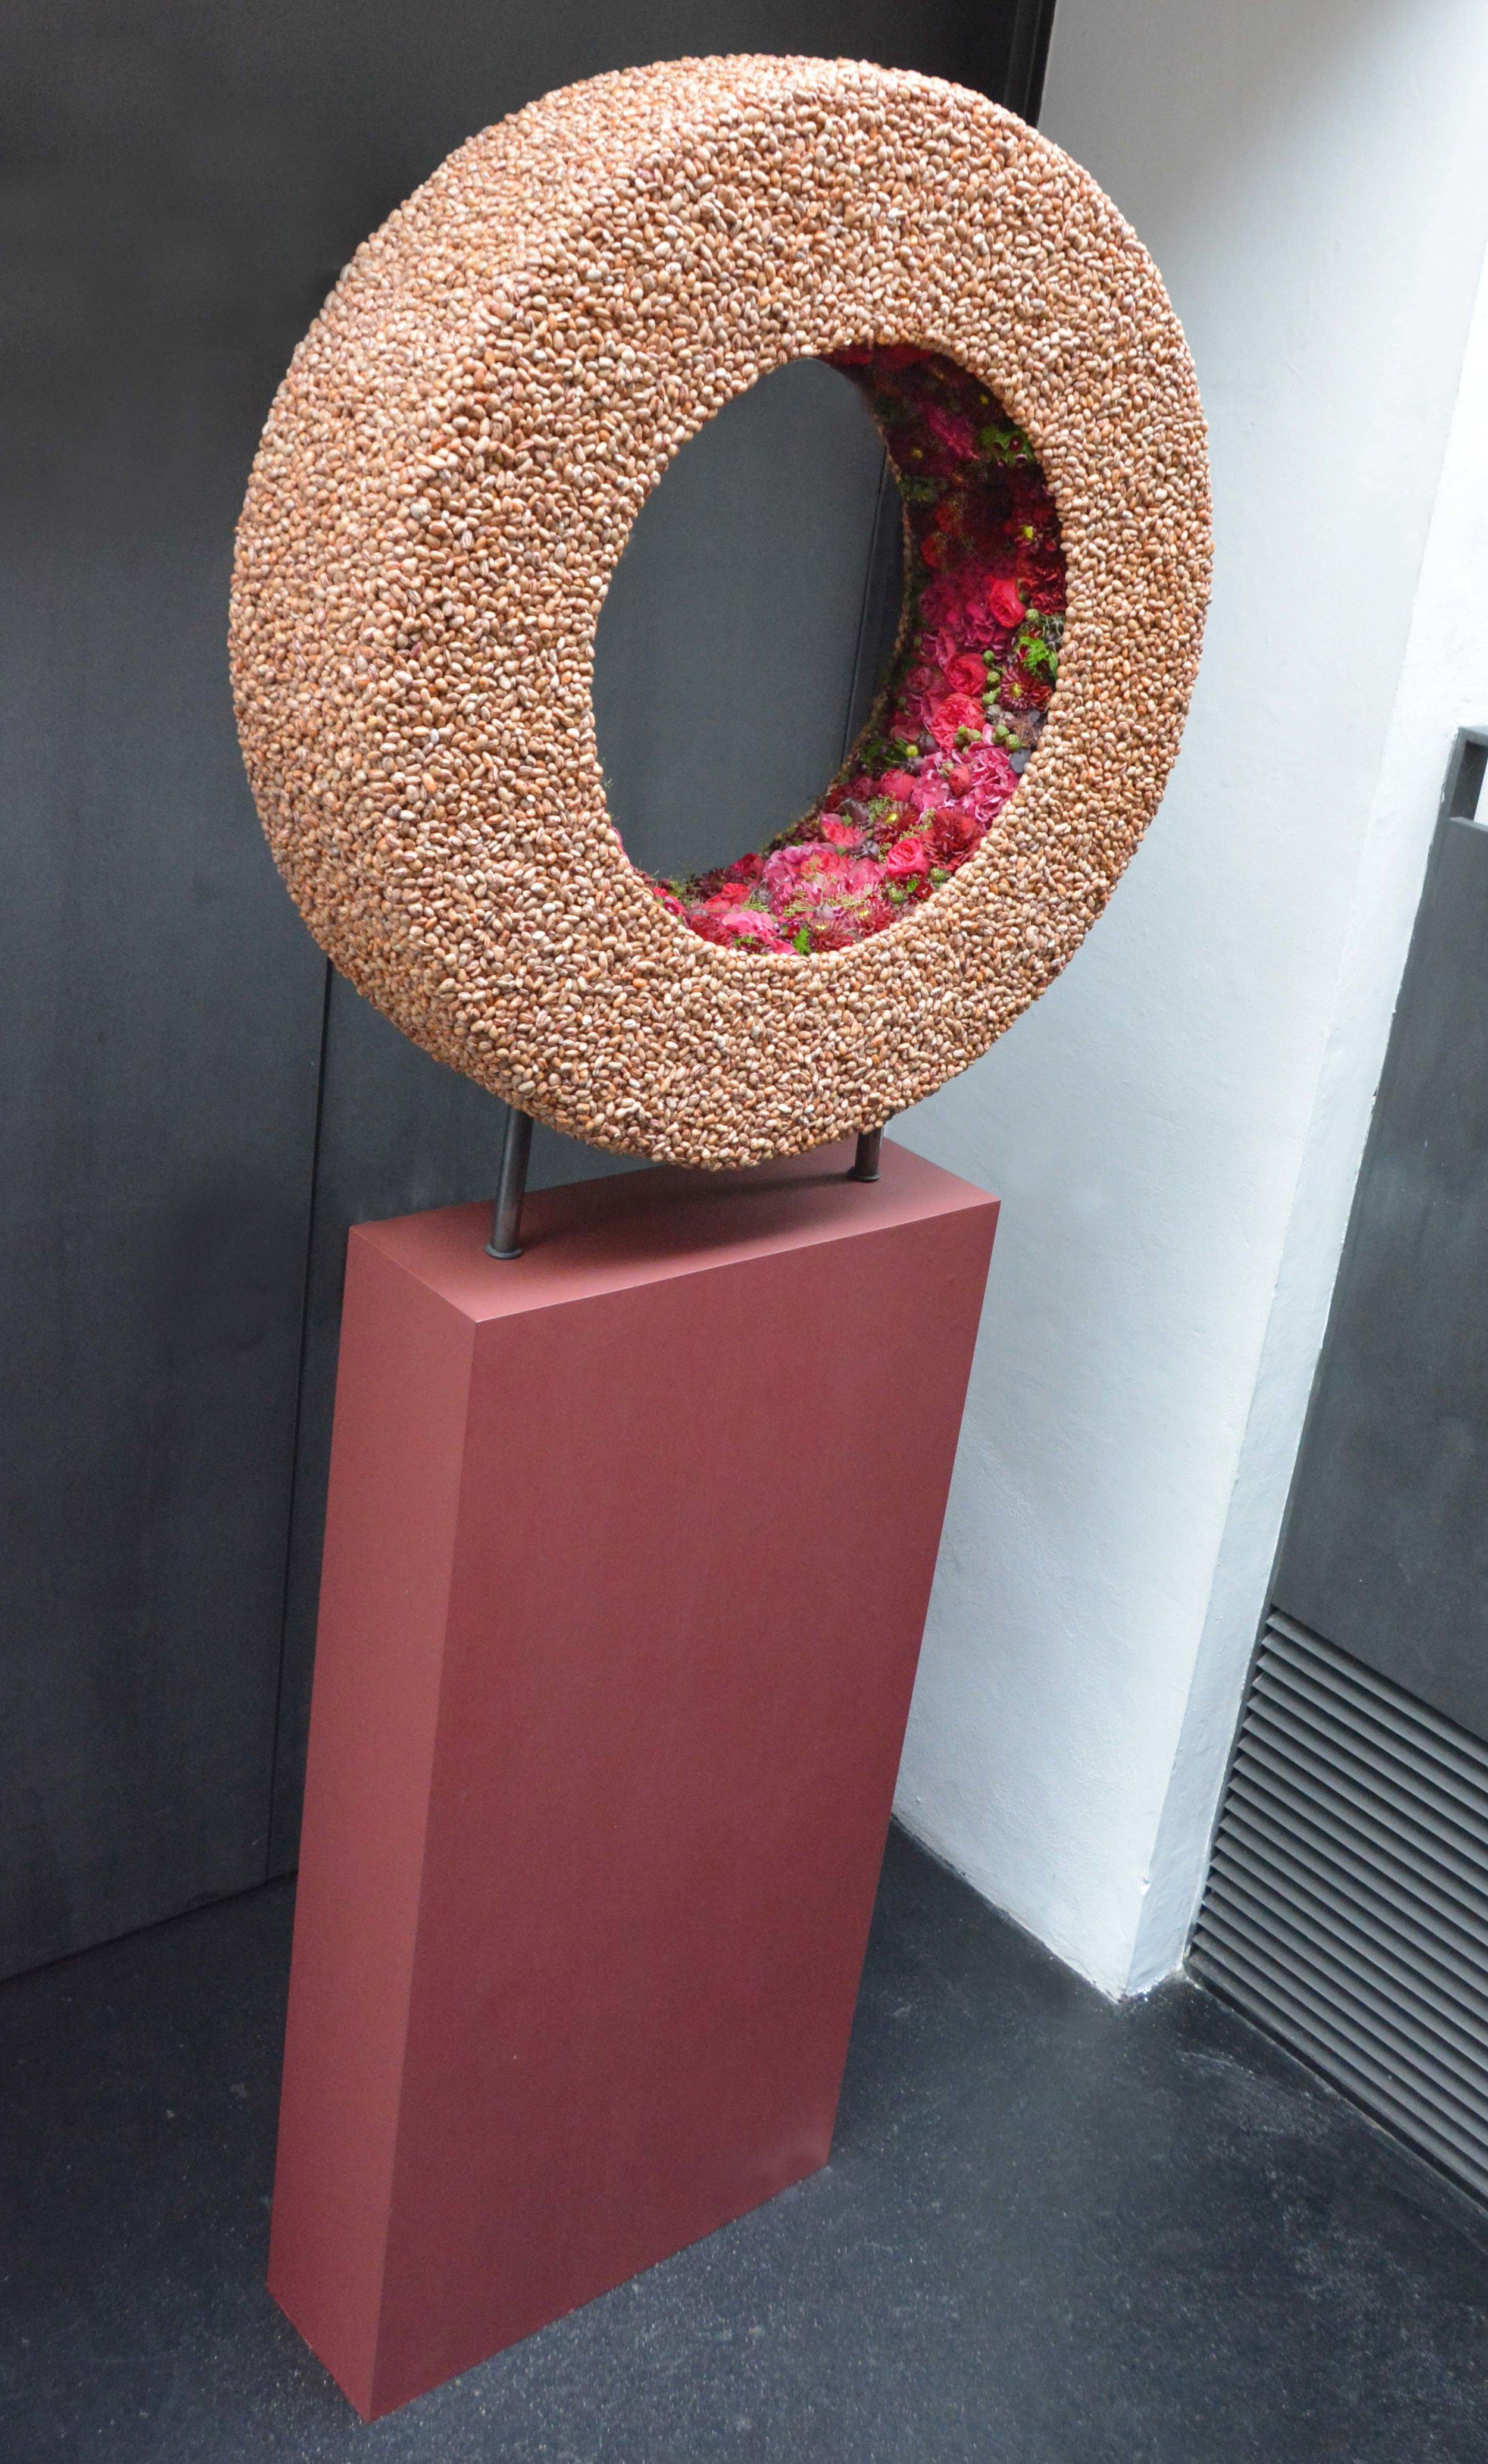 Katrin Wipper gestaltete einen trommelförmigen Kranzkörper mit Verweis auf ein subtil ausgearbeitetes Innenleben.